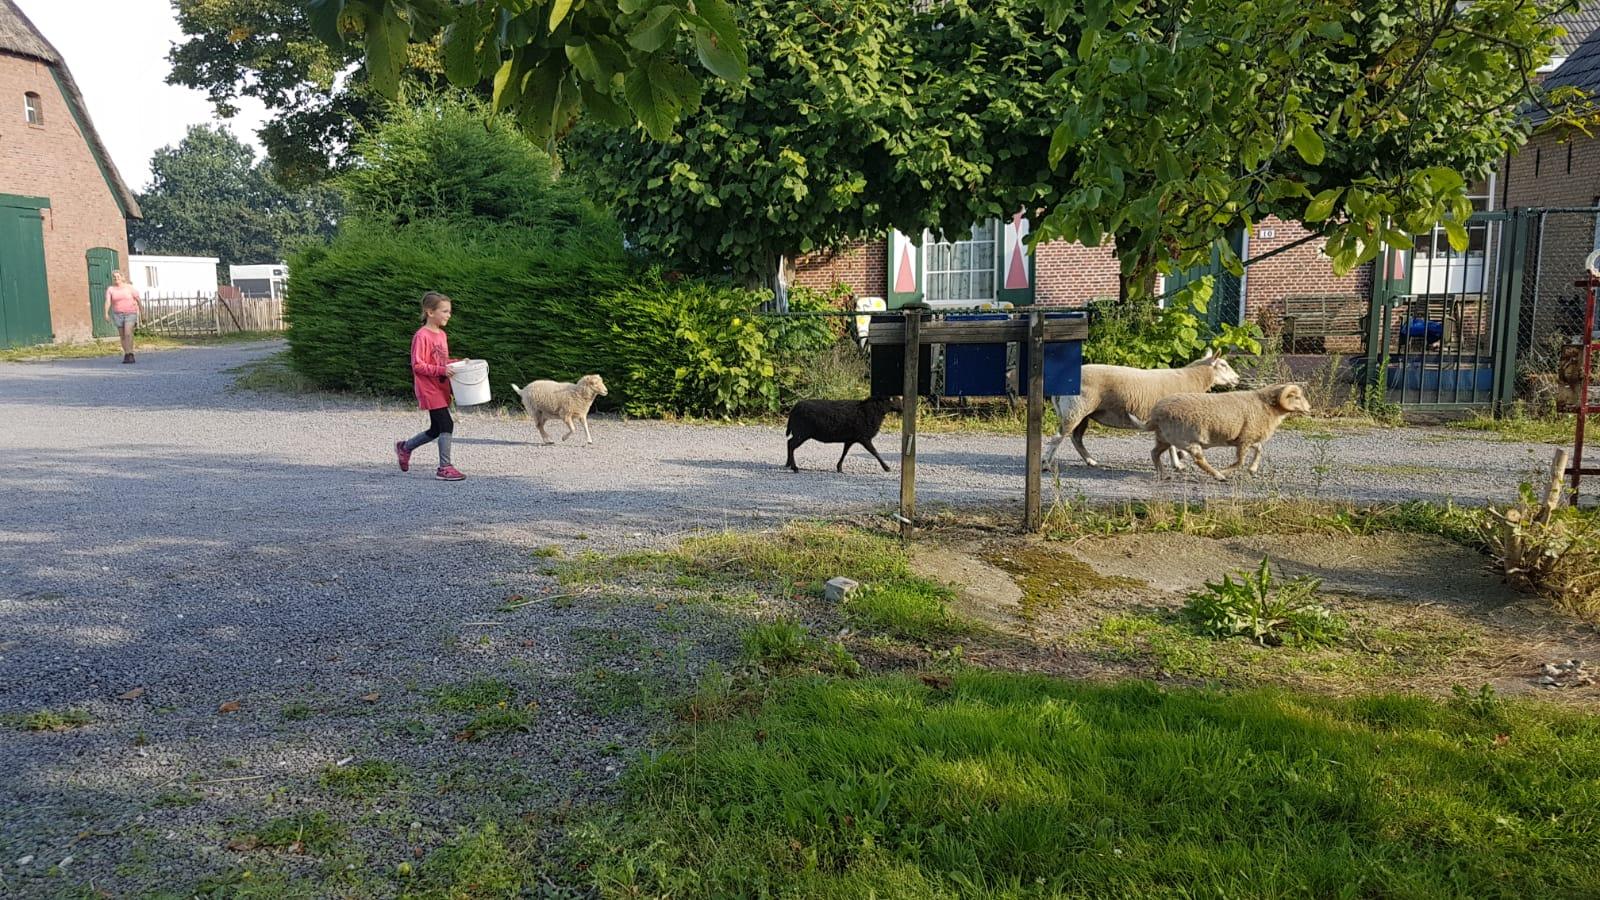 Zorgboerderij-dieren-boerderij-camping-minicamping-hulp-dagbesteding-Hof-van-Axel